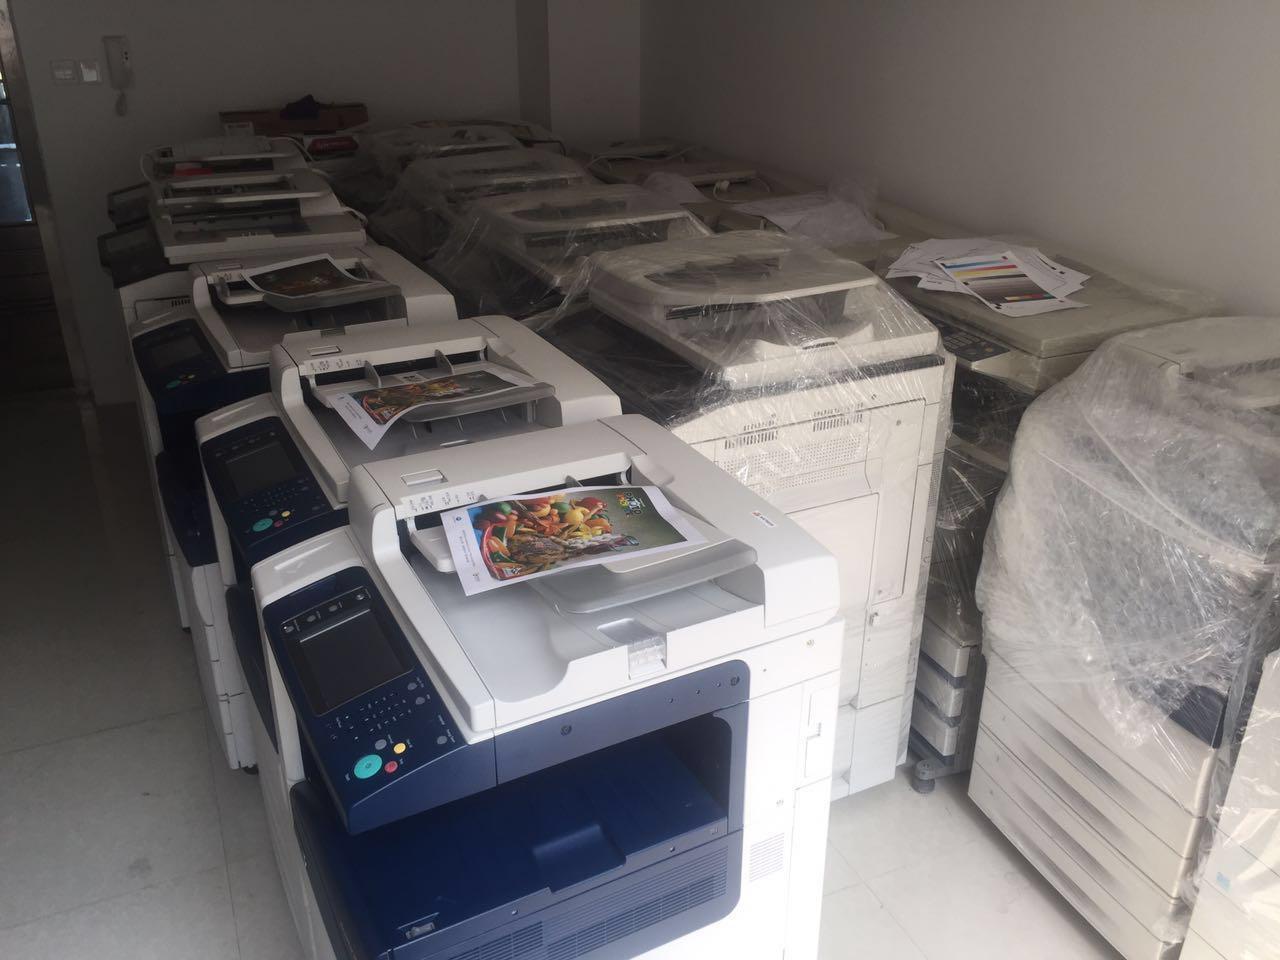 泰州哪里可以买到不错的高港区打印机-姜堰区兄弟打印机